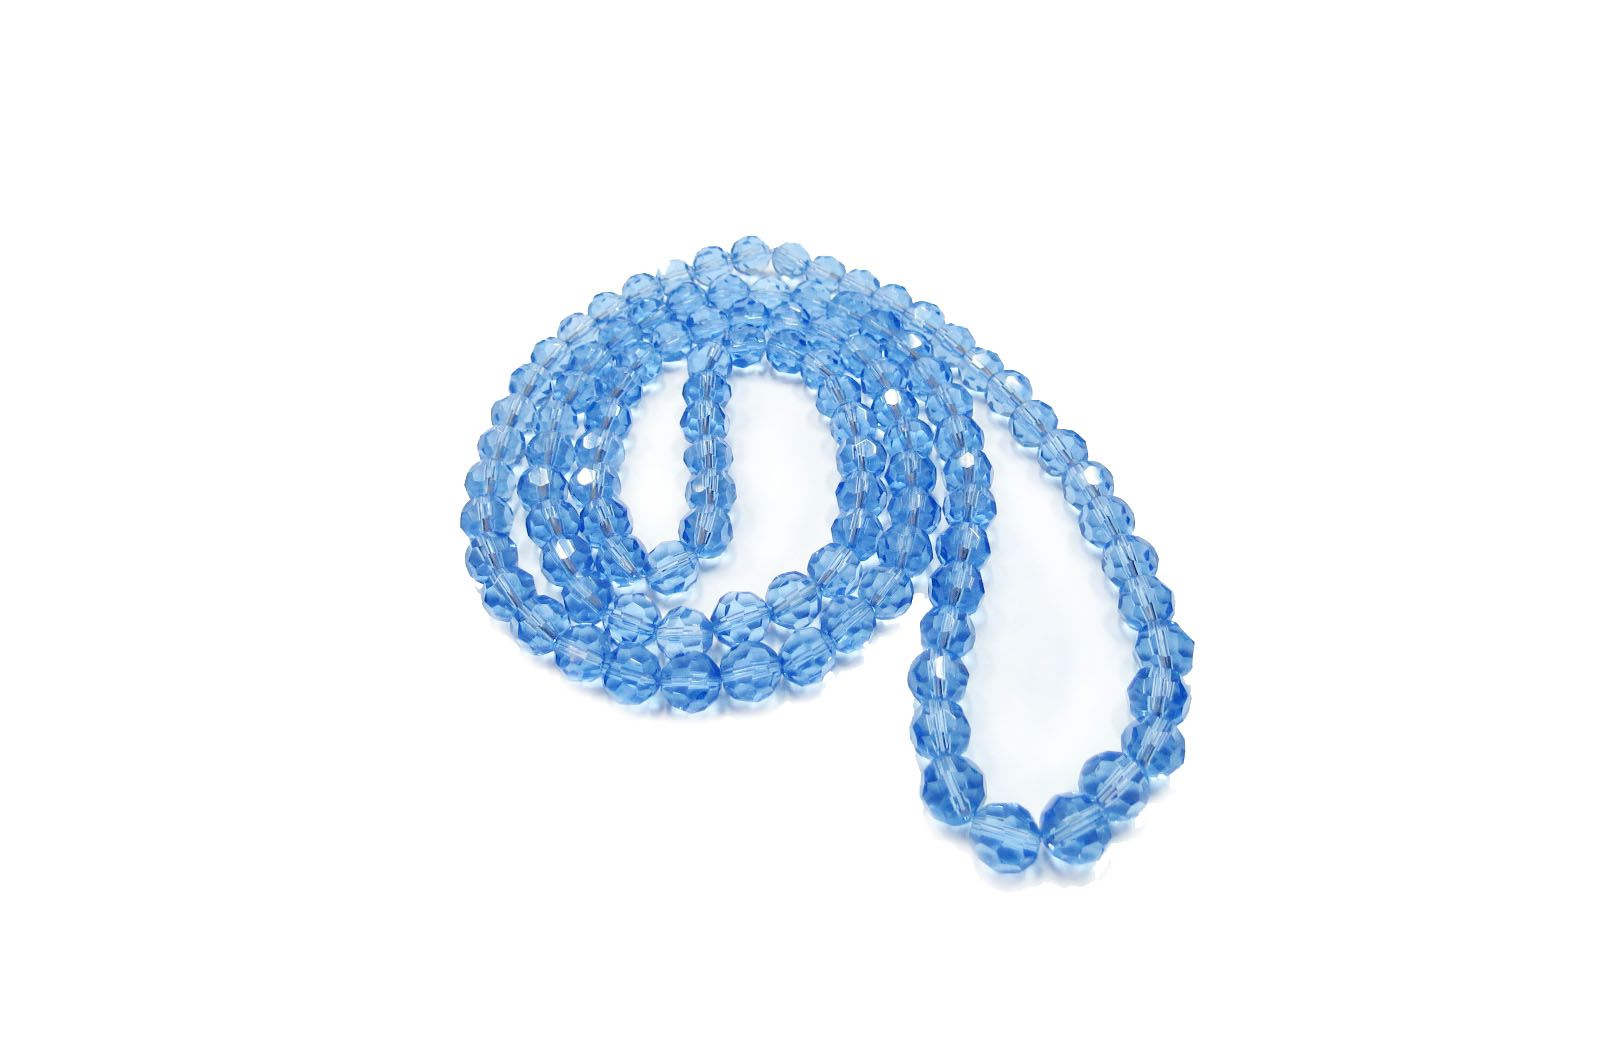 Azul Transparente Redondo (10 mm)